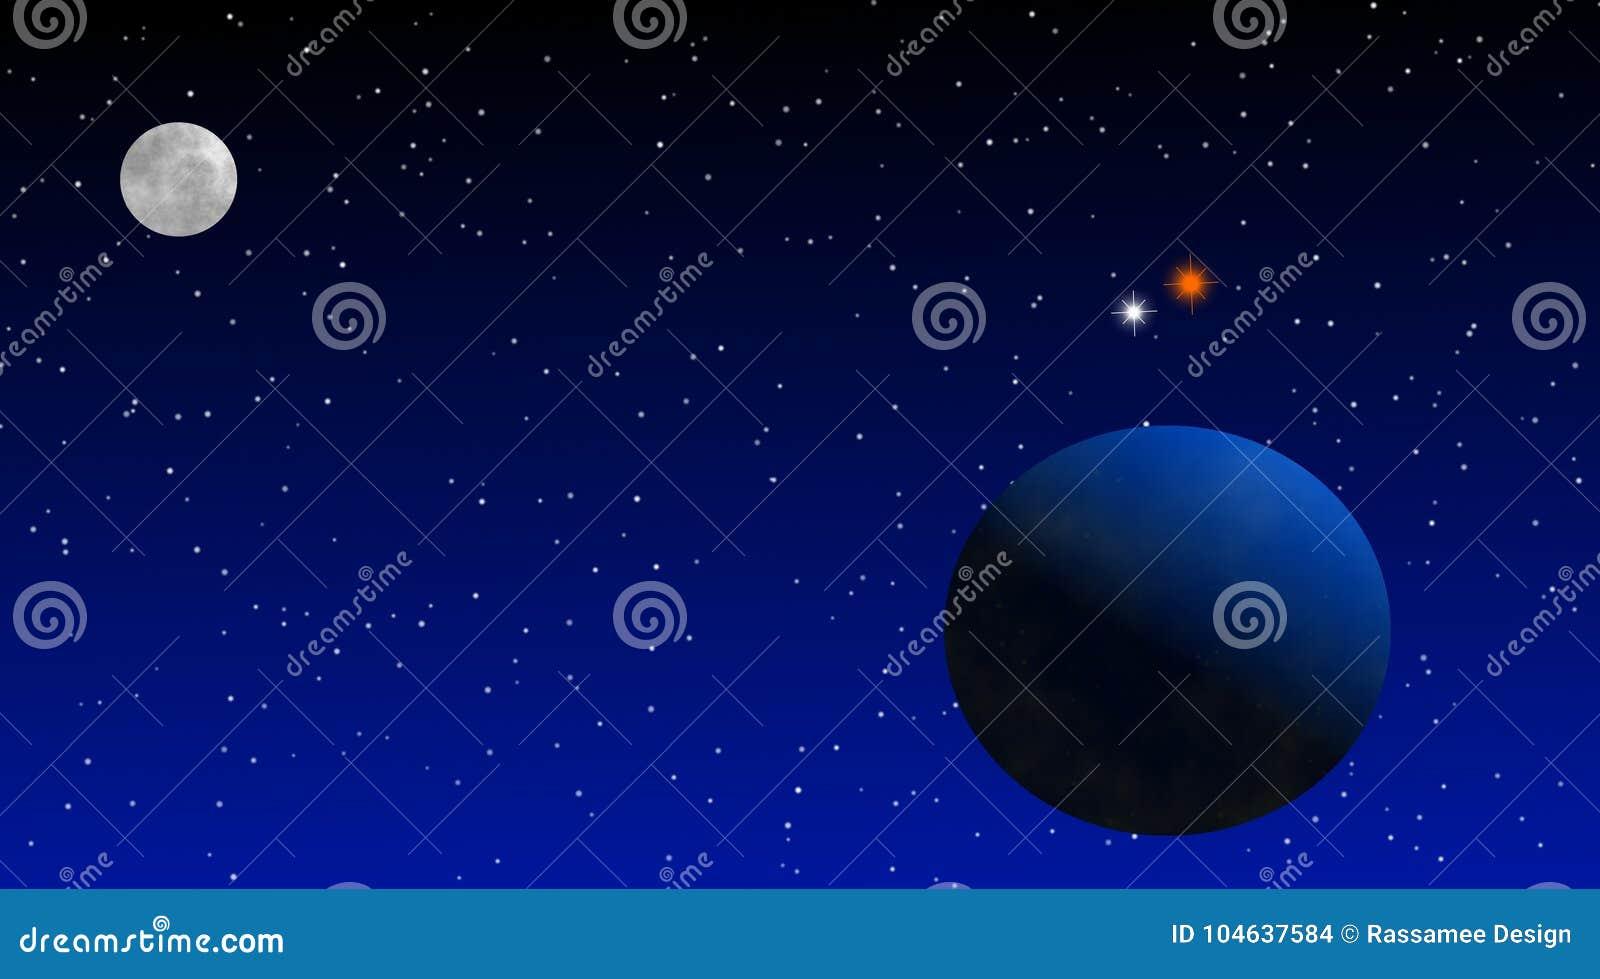 Download Combinatie Van Venus En Jupiter In Ruimteontwerp Stock Illustratie - Illustratie bestaande uit astronomie, shining: 104637584